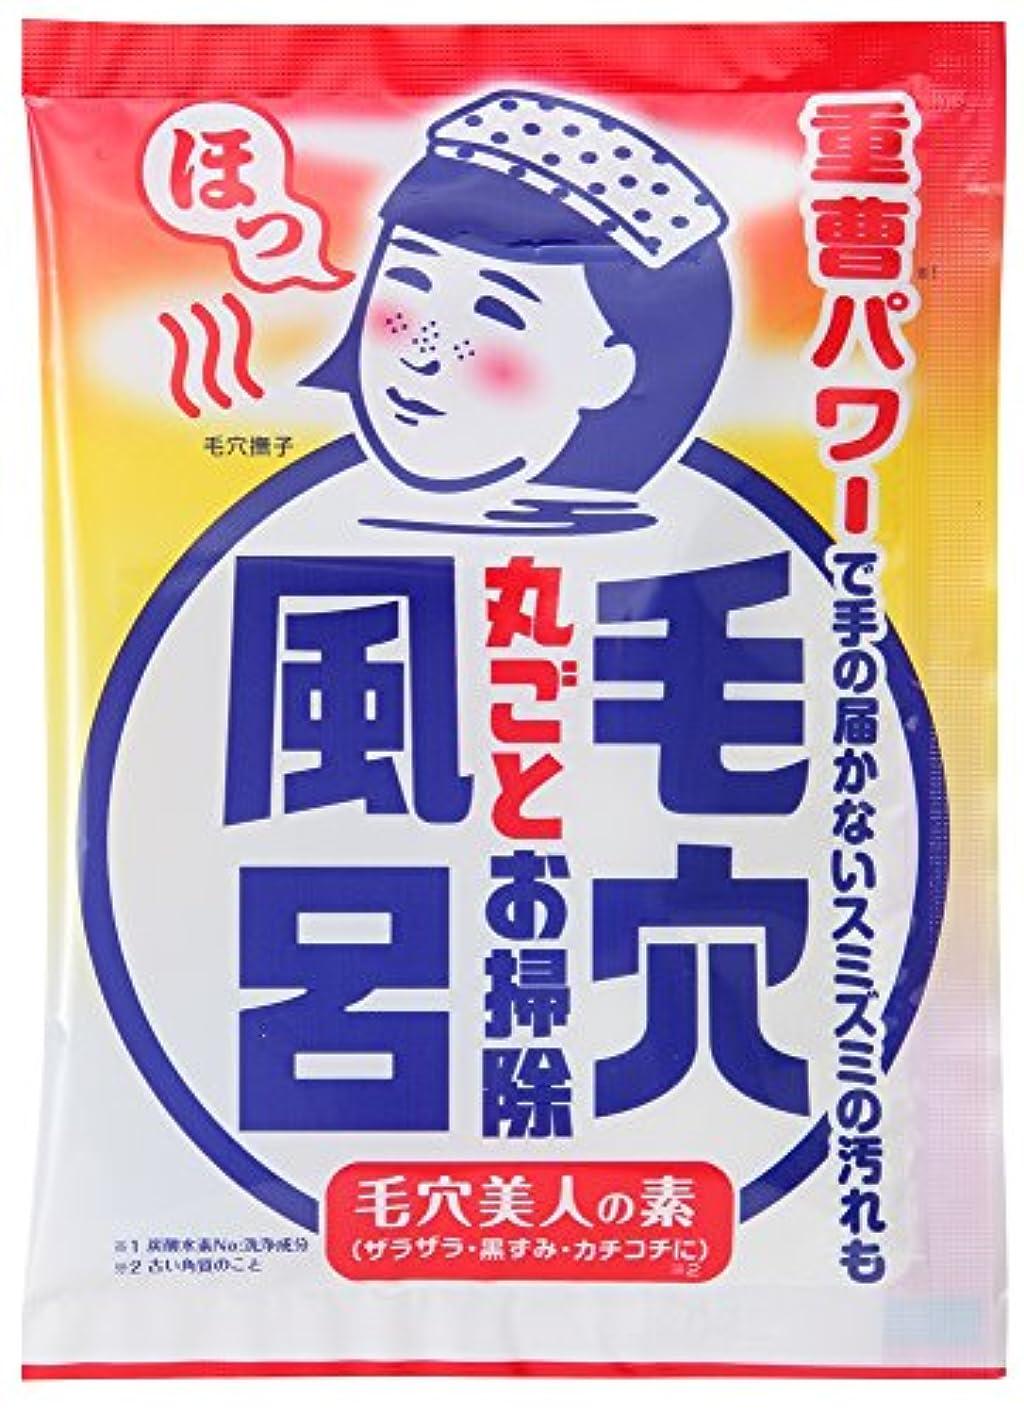 銀公苦痛毛穴撫子 重曹つるつる風呂 30g